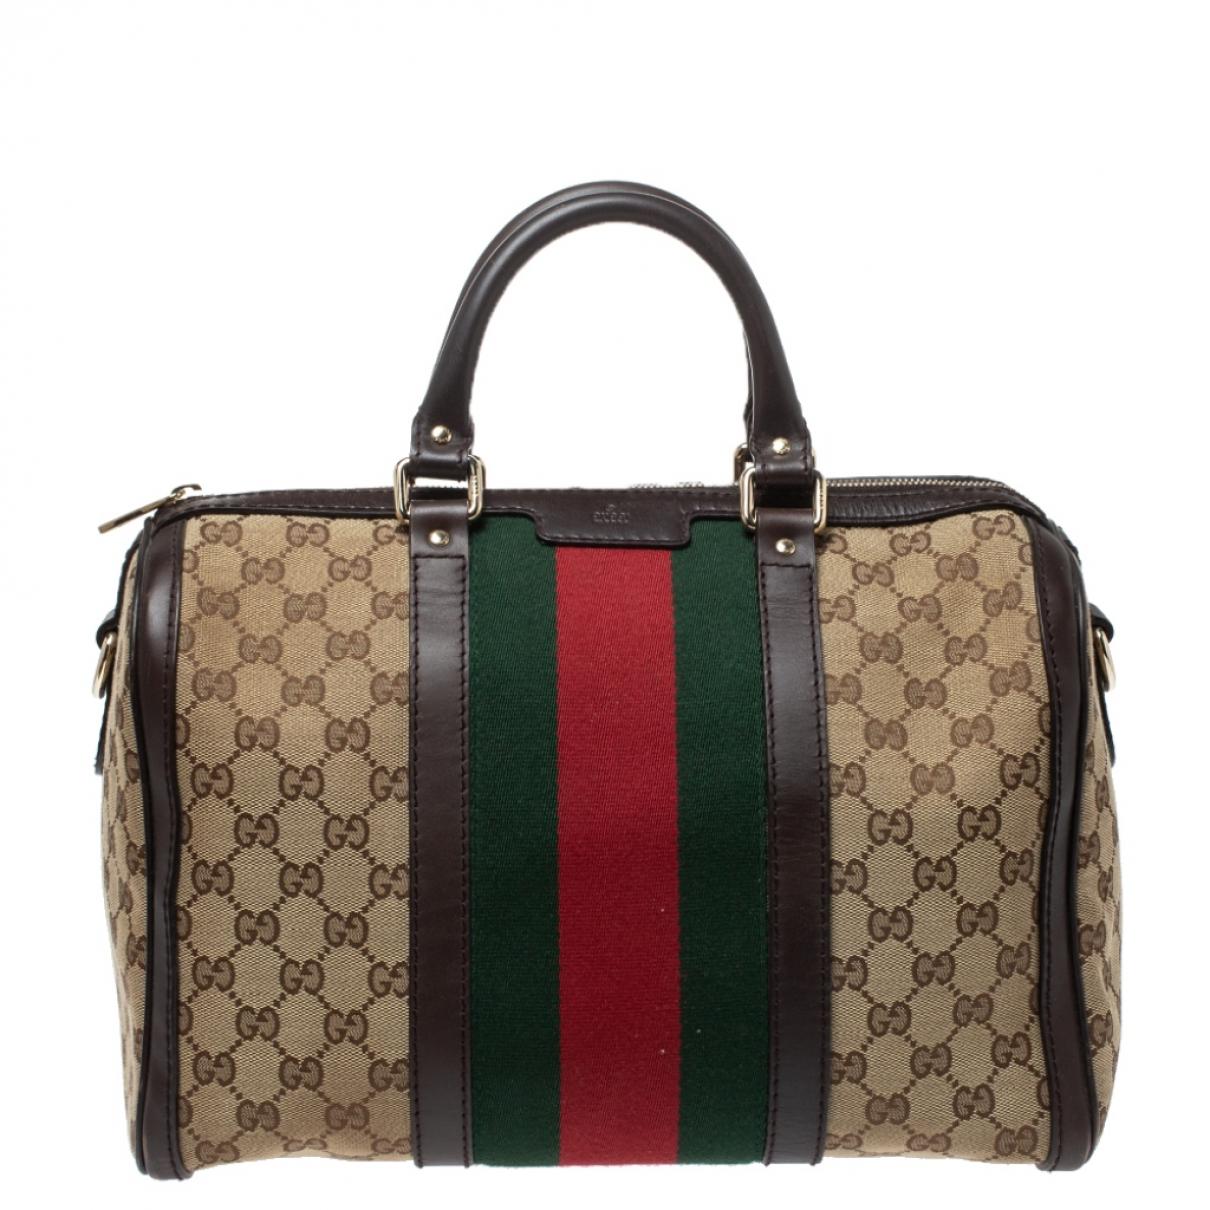 Gucci \N Reisetasche in  Beige Leder